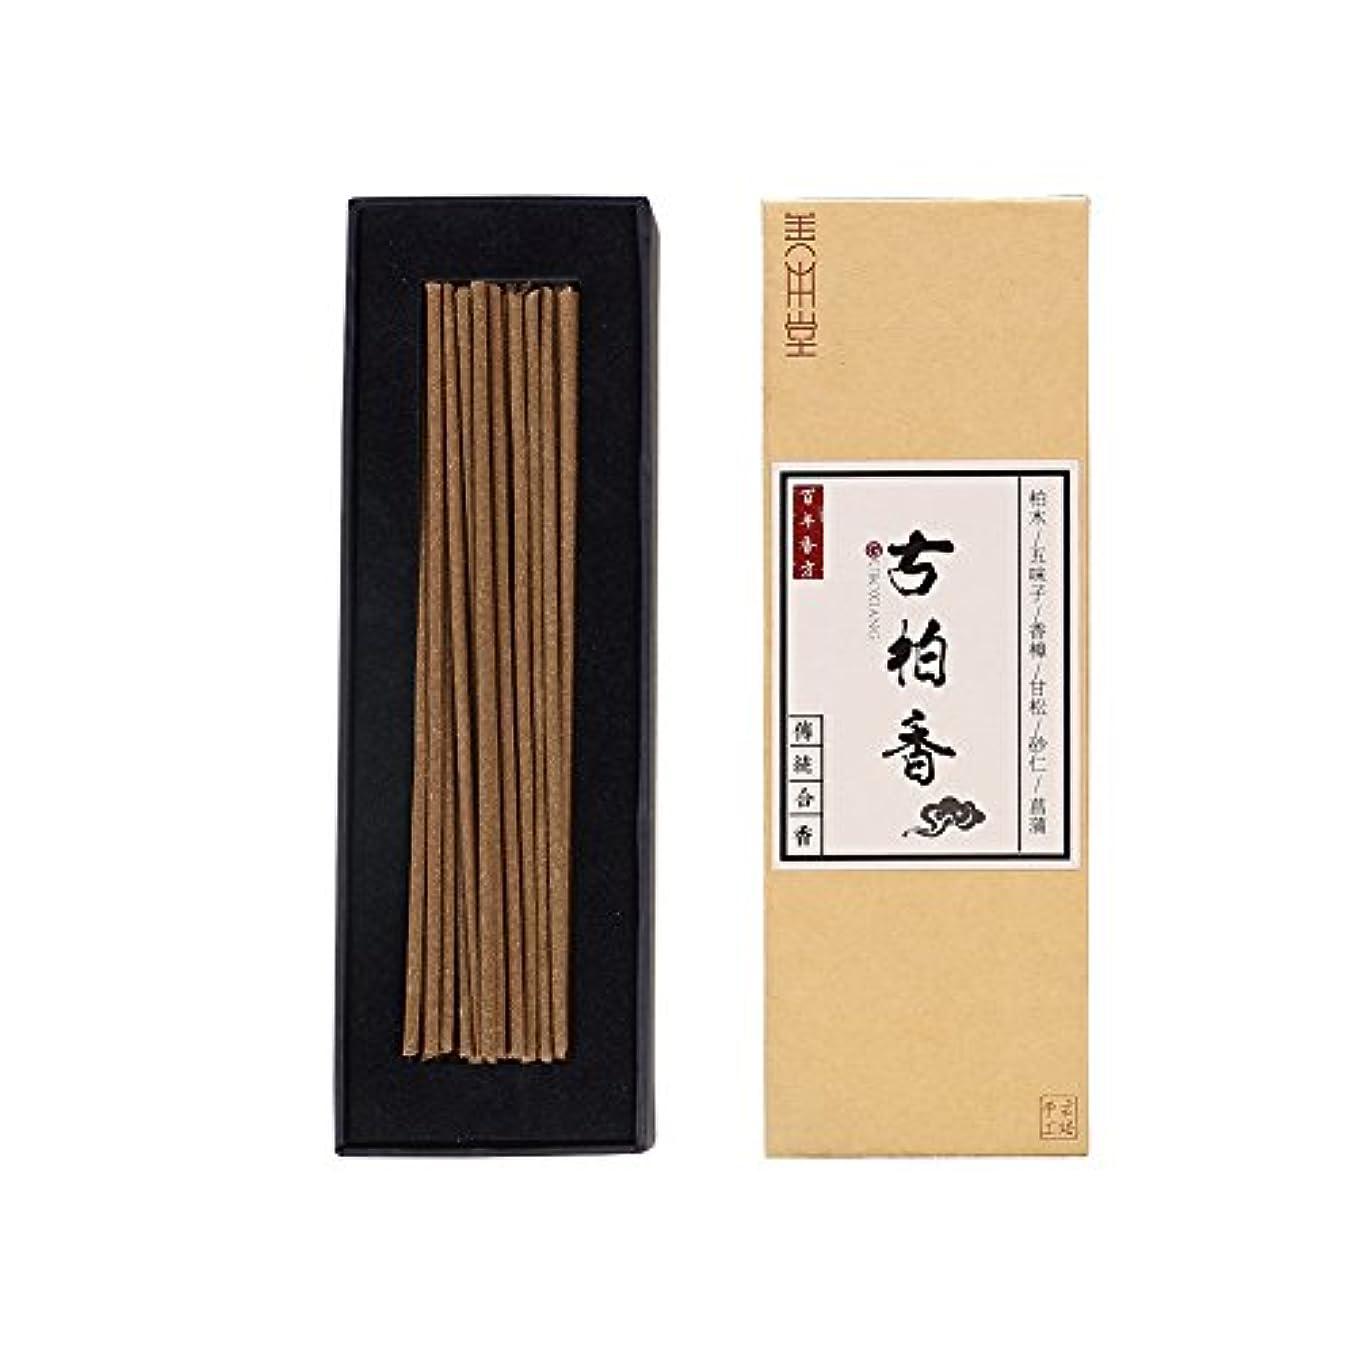 とは異なり遺産ルー善本堂天然の手作りお香 伝統技術作る 古柏お香 養心安神のお香 お線香ギフト (14cm 50本入)